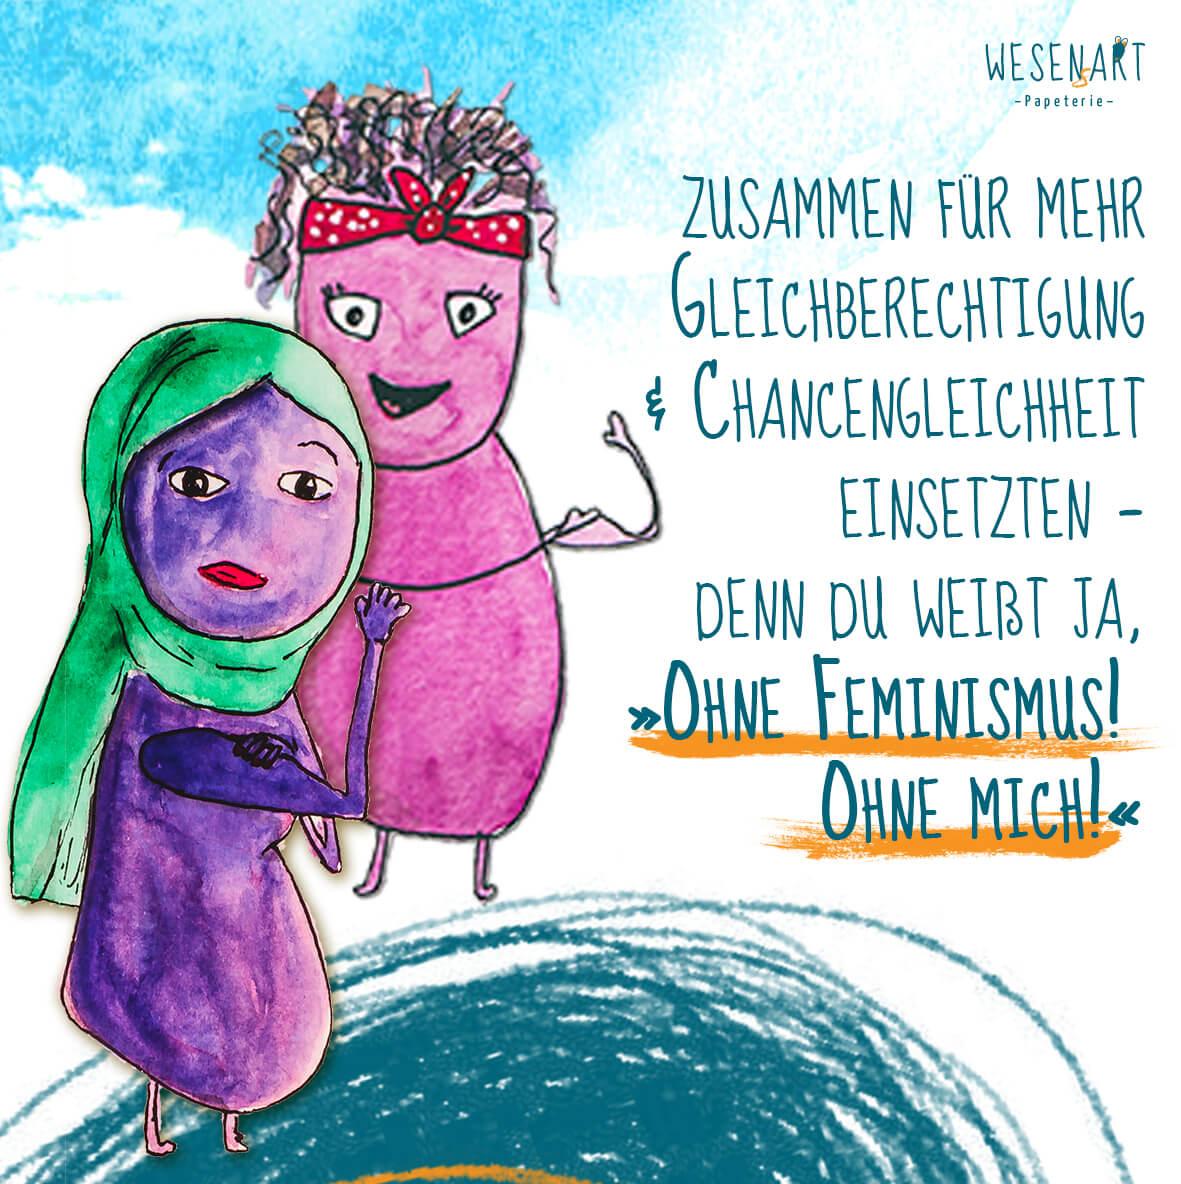 WESENsART: Zafer und Yannie setzen sich für mehr Feminismus in dieser Gesellschaft ein, Sie haben die Ärmel hoch gekrempelt und den Arm gebeugt. Daneben steht: Zusammen für mehr Gleichberechtigung und Chancengleichheit einsetzen – denn du weißt ja »Ohne Feminismus! Ohne mich!«